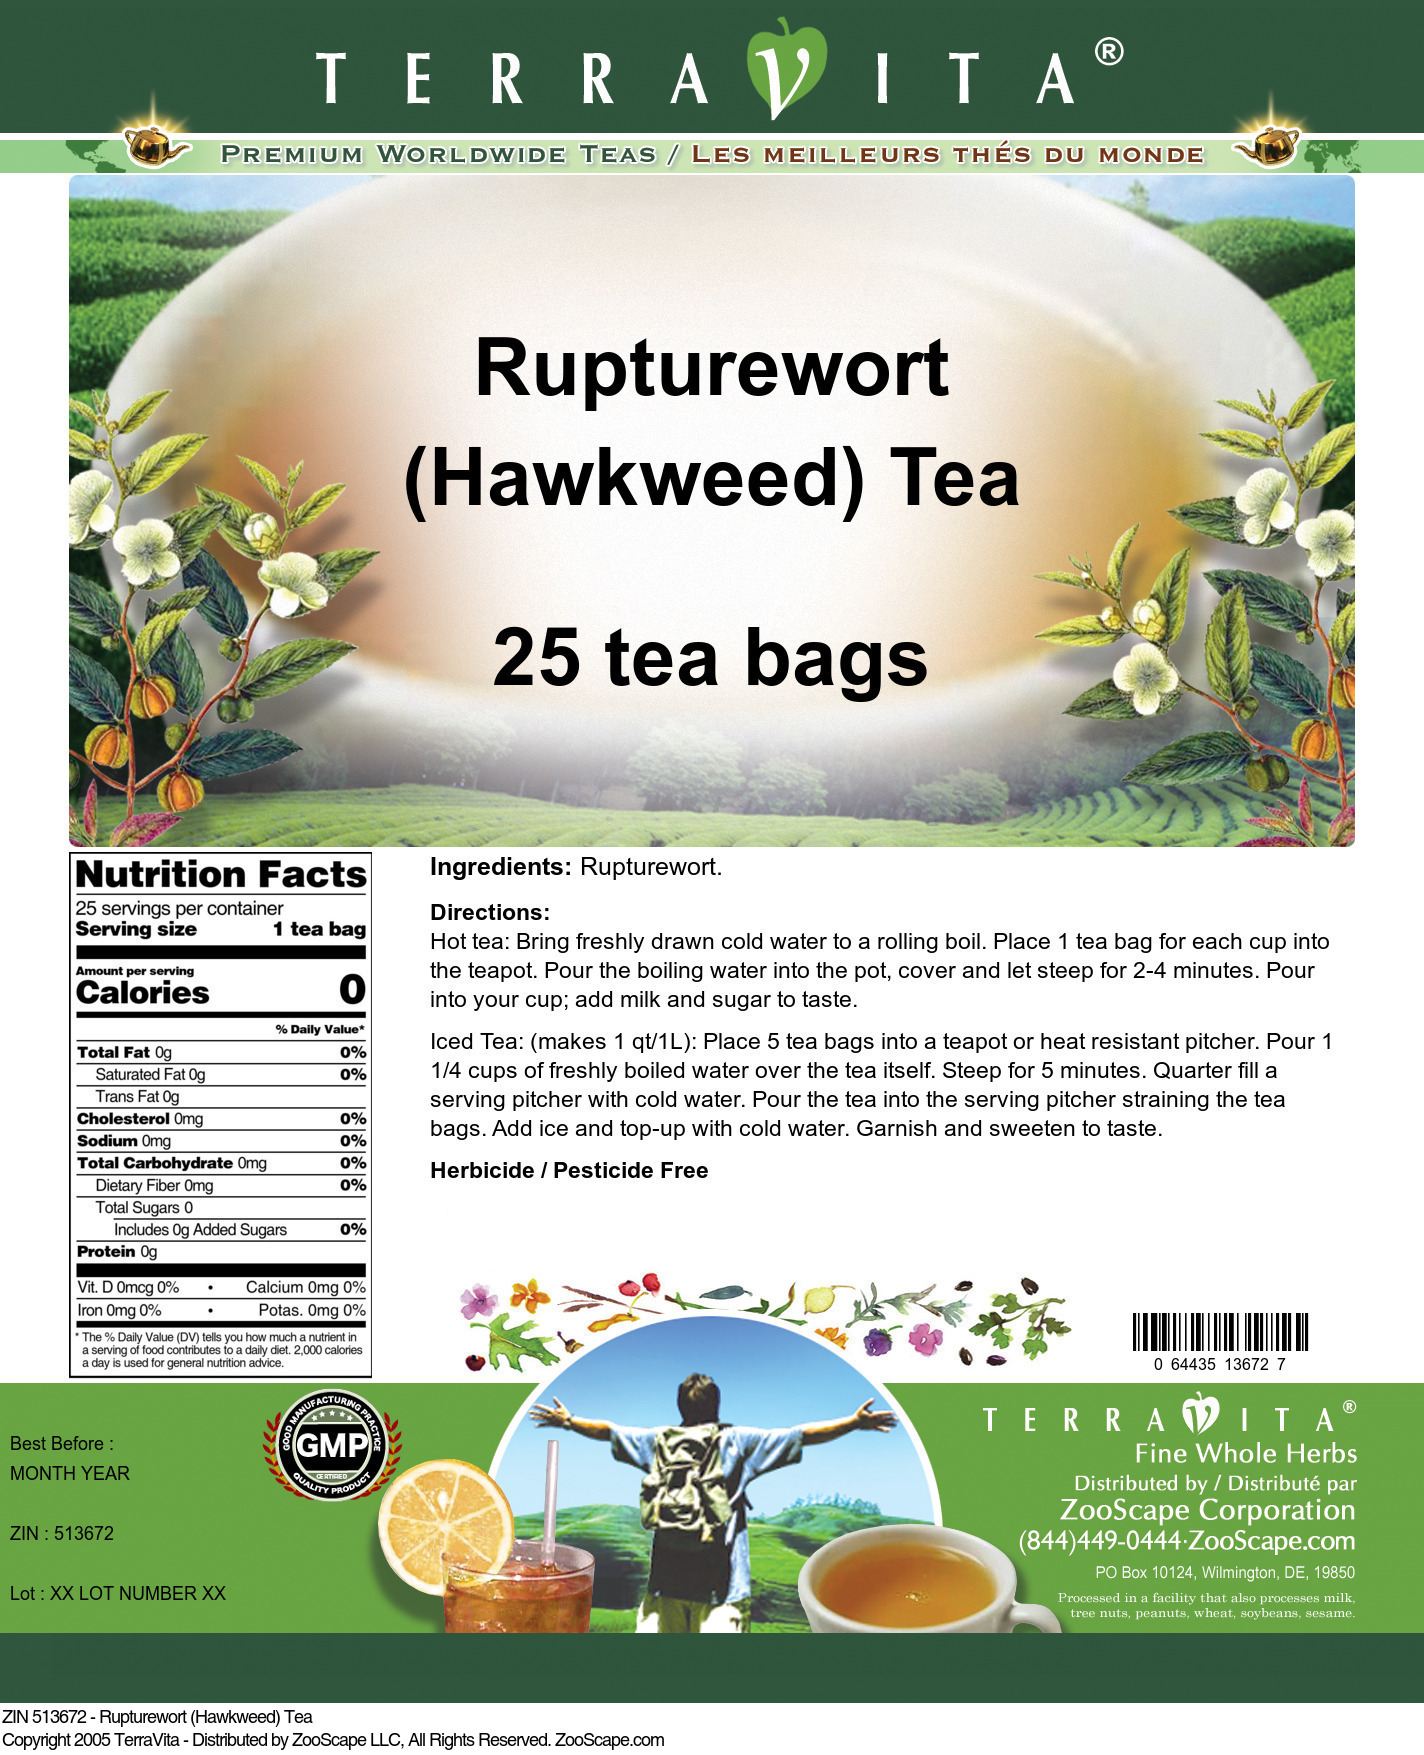 Rupturewort (Hawkweed) Tea